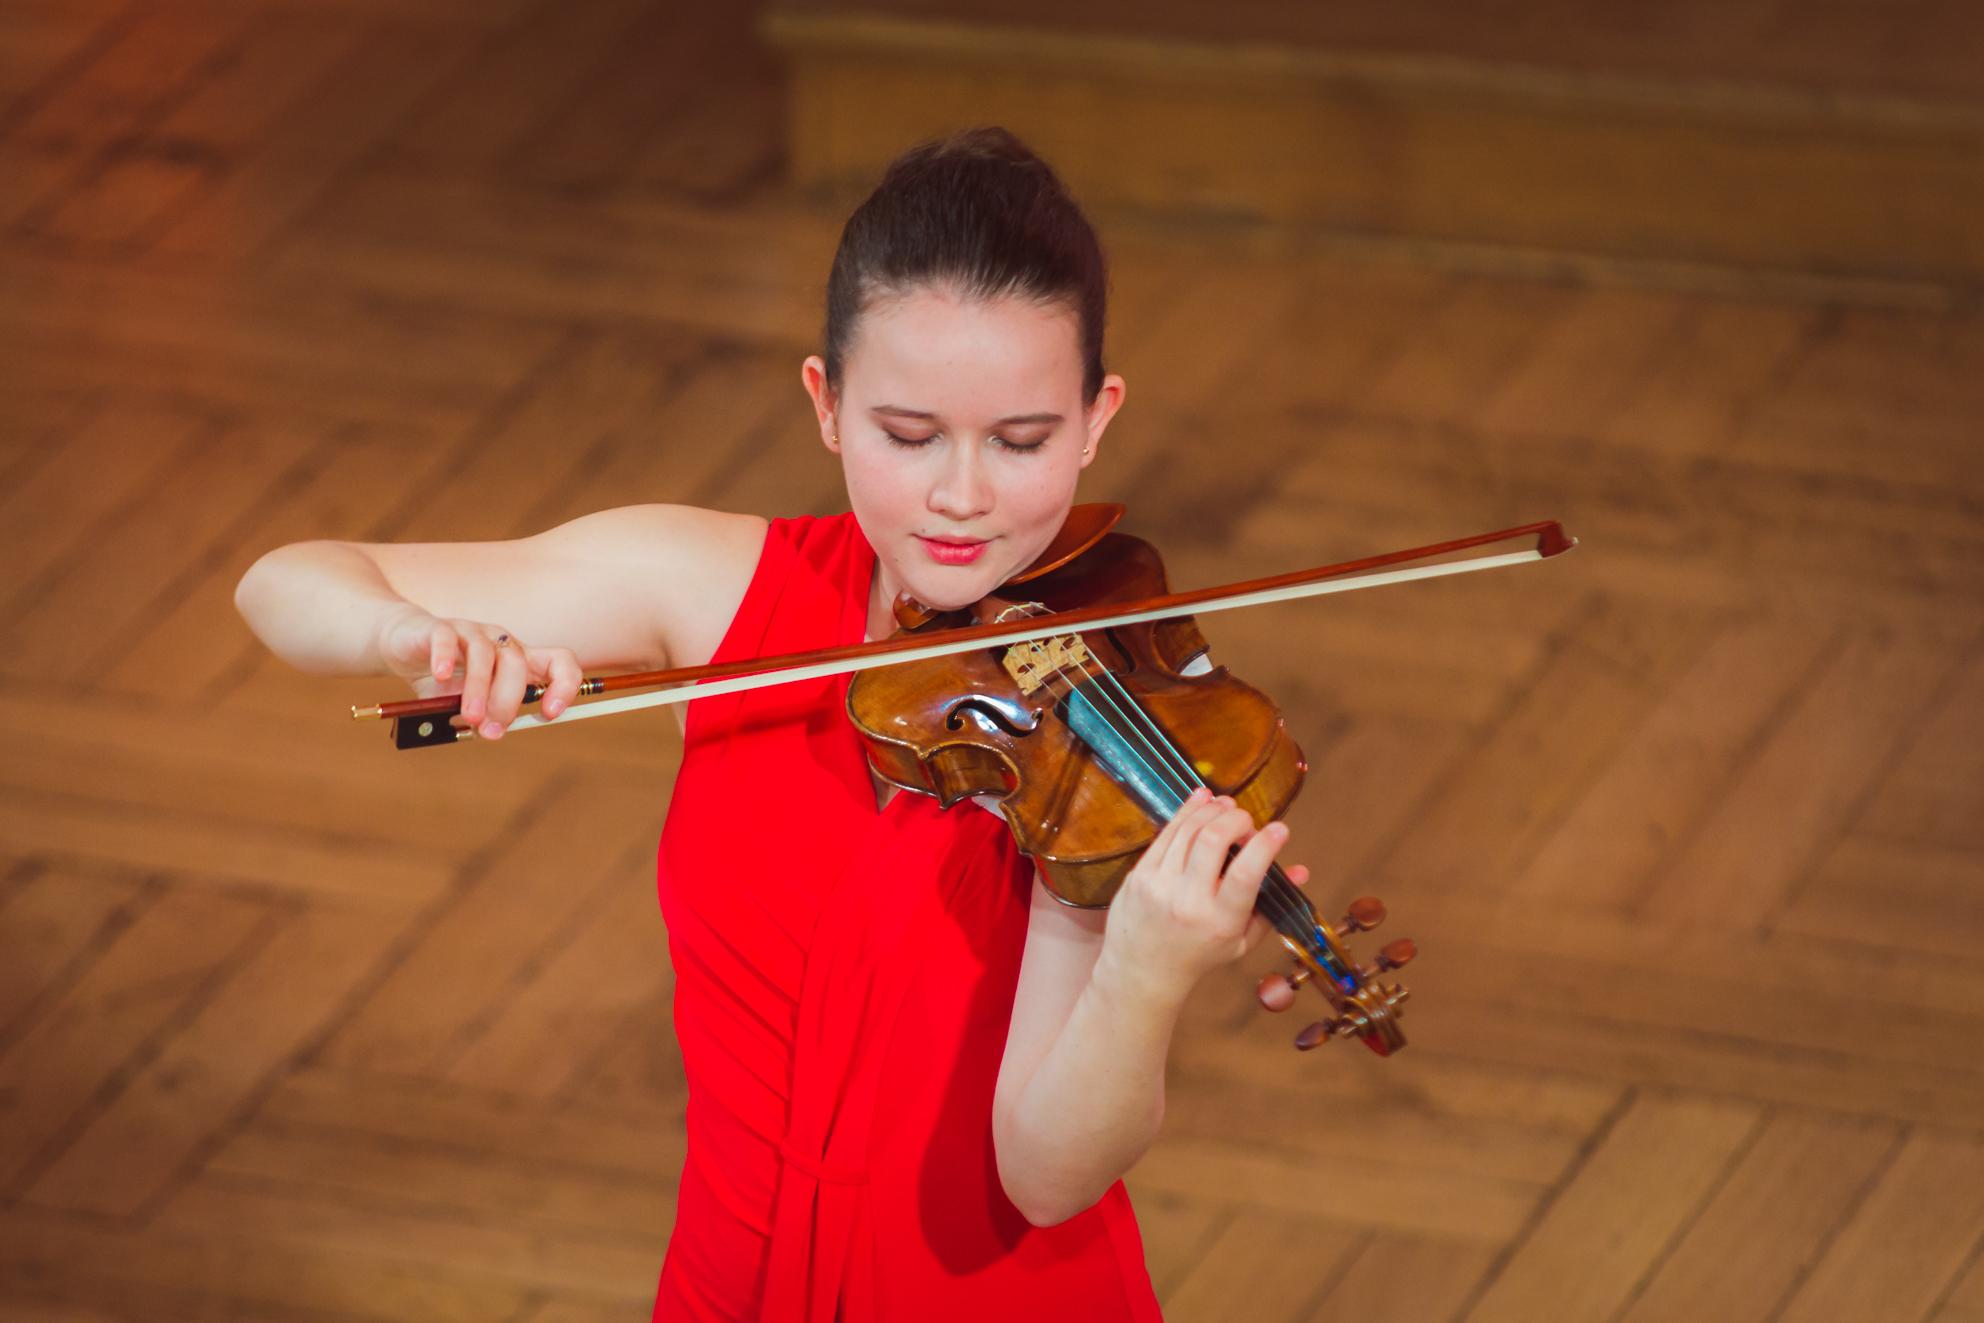 Maria Kouznetsova (Rosja/Francja) - Etap 2 - 15. Międzynarodowy Konkurs Skrzypcowy im. H. Wieniawskiego STEREO